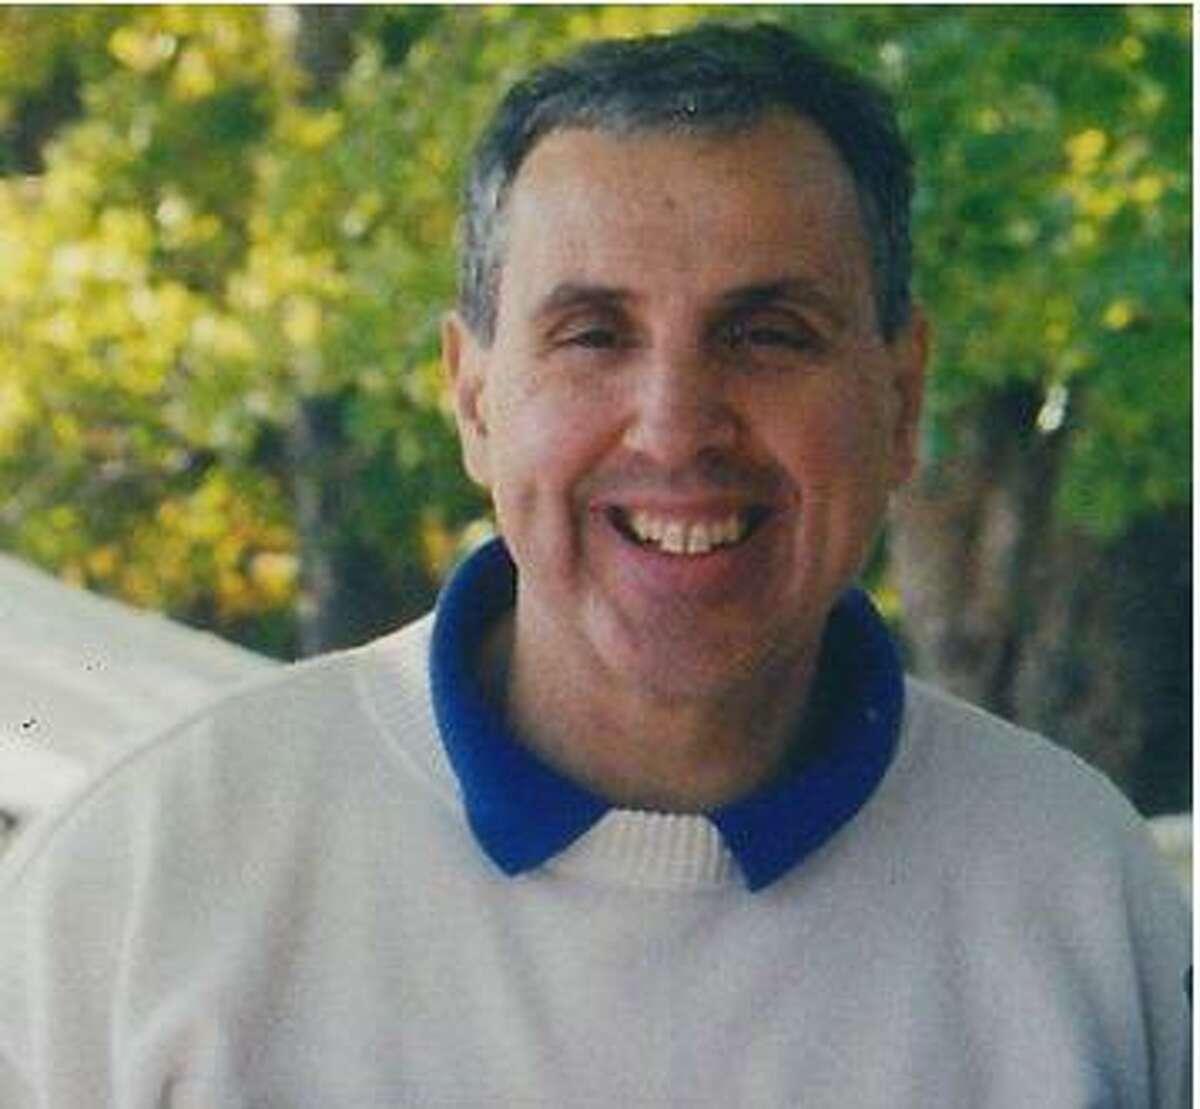 Mark Vuono